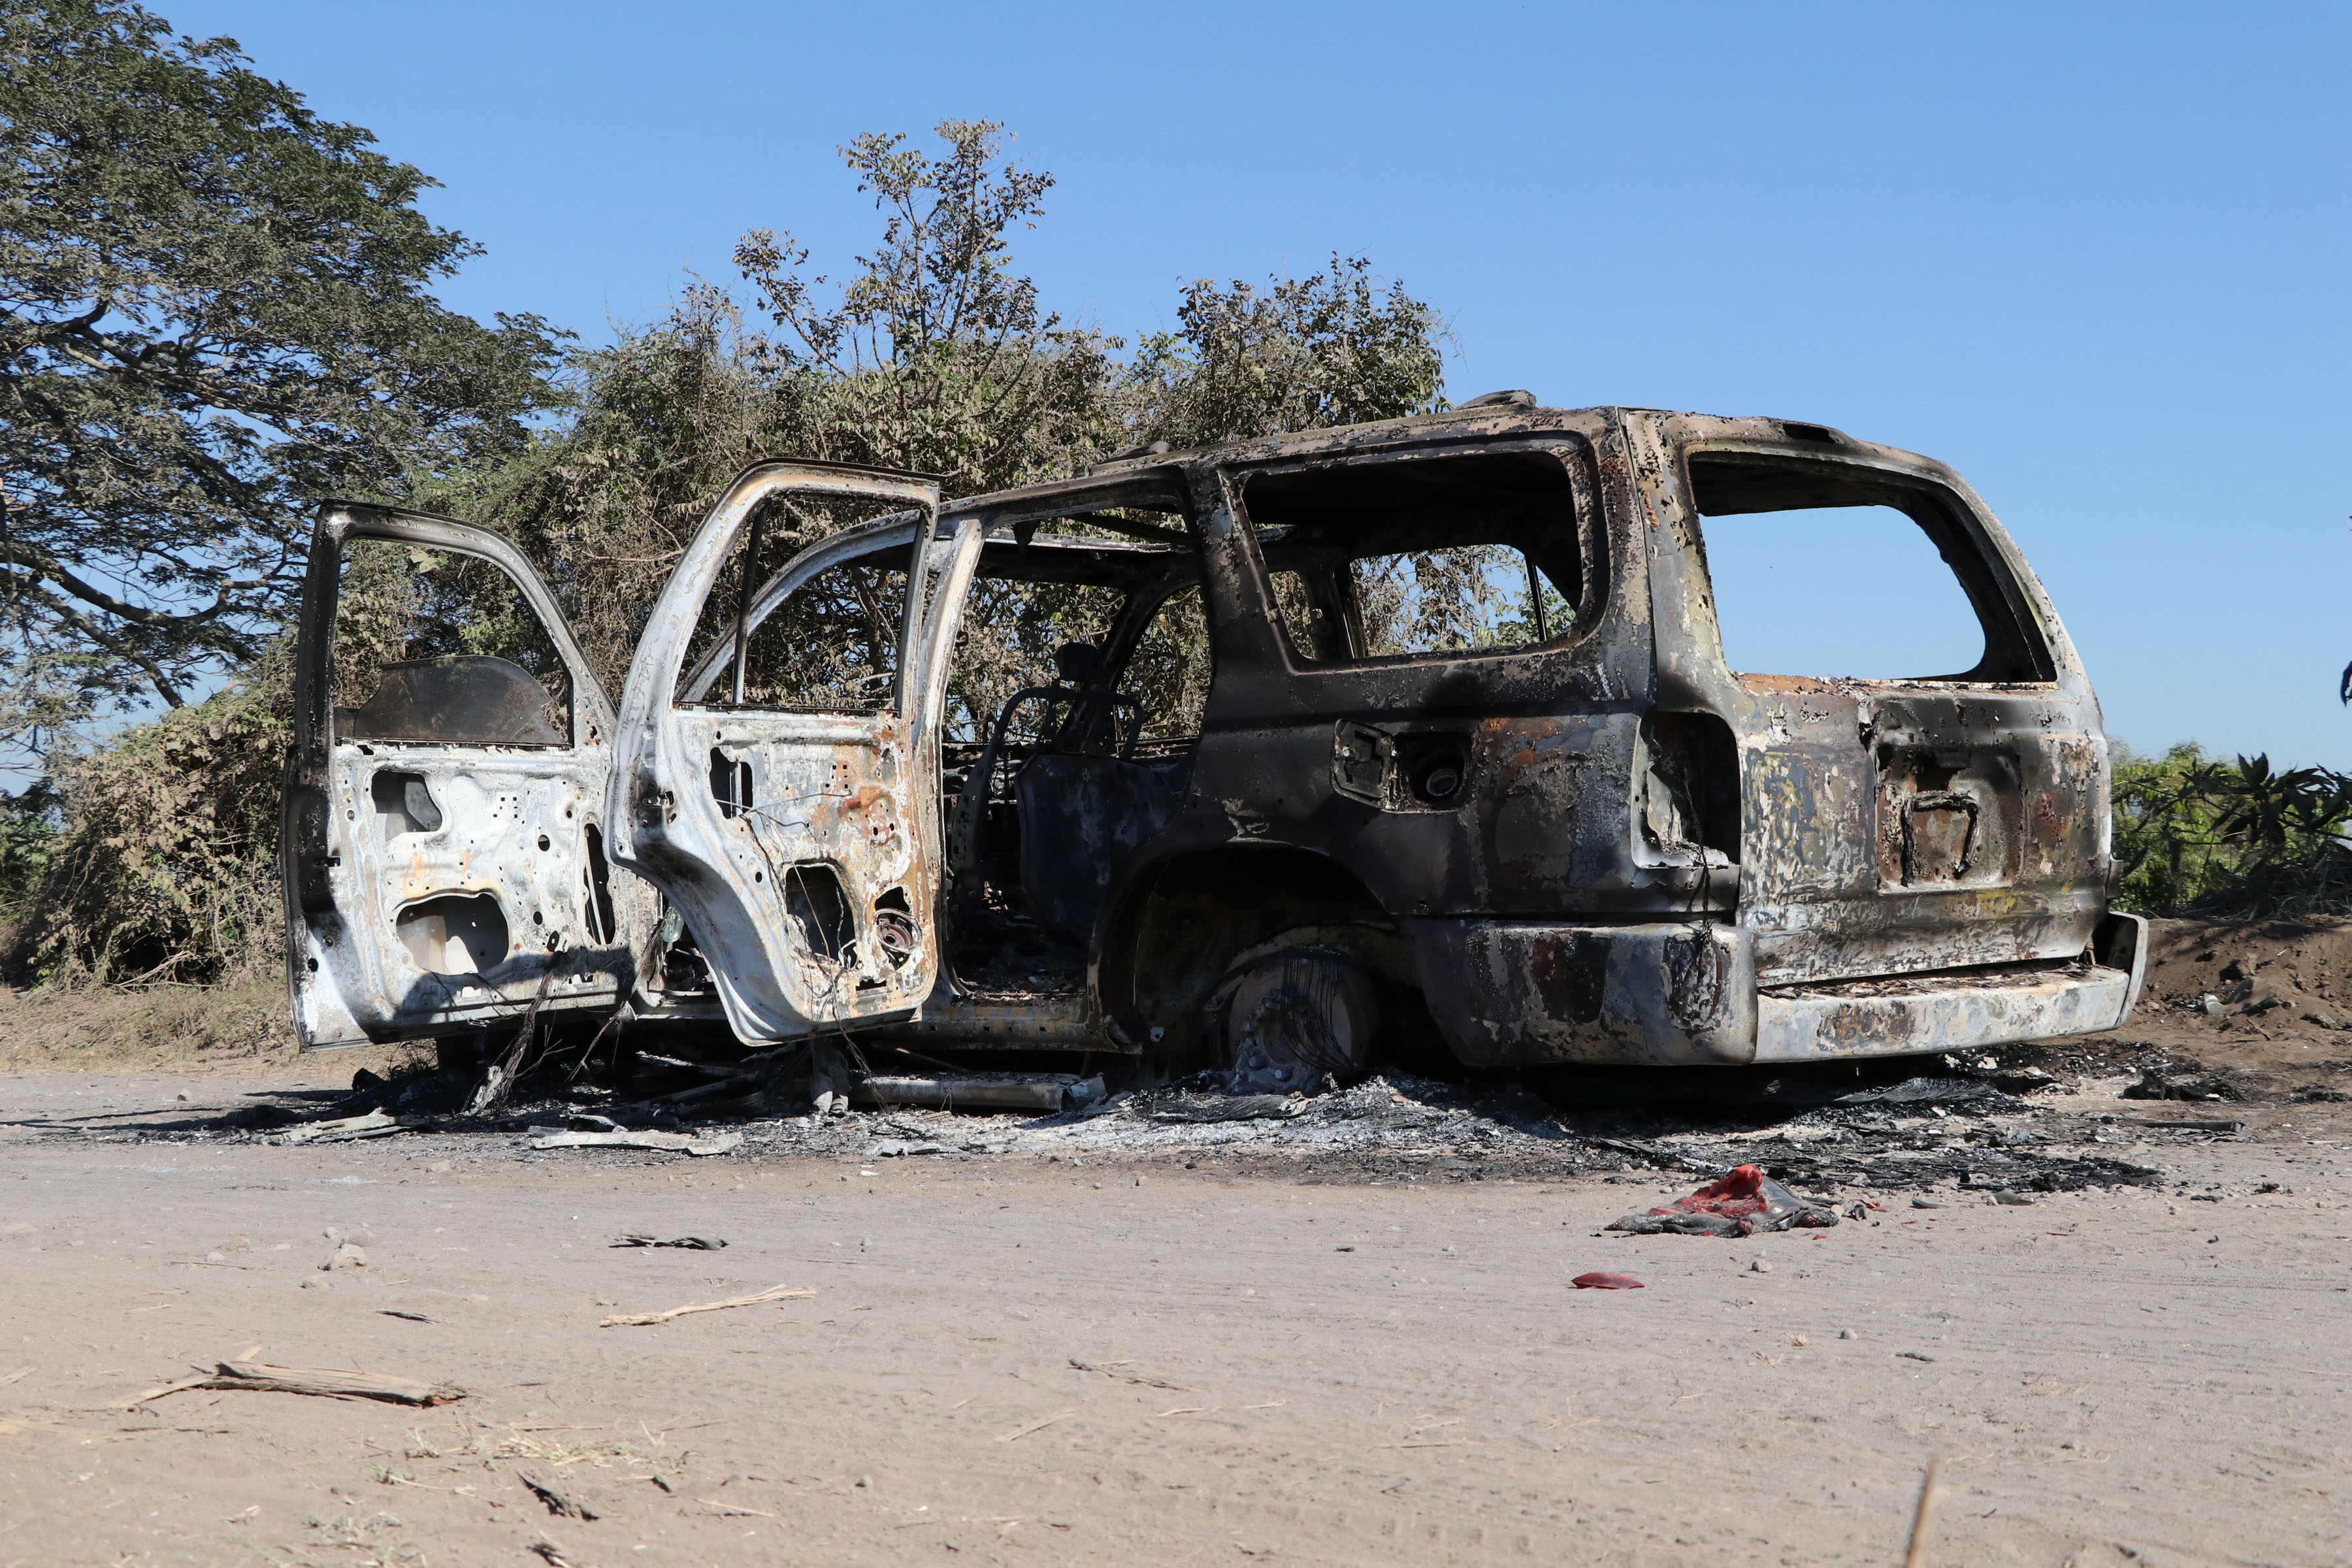 El vehículo fue encontrado quemado y se desconoce el paradero de los tripulantes. (Foto Prensa Libre: Carlos Paredes)